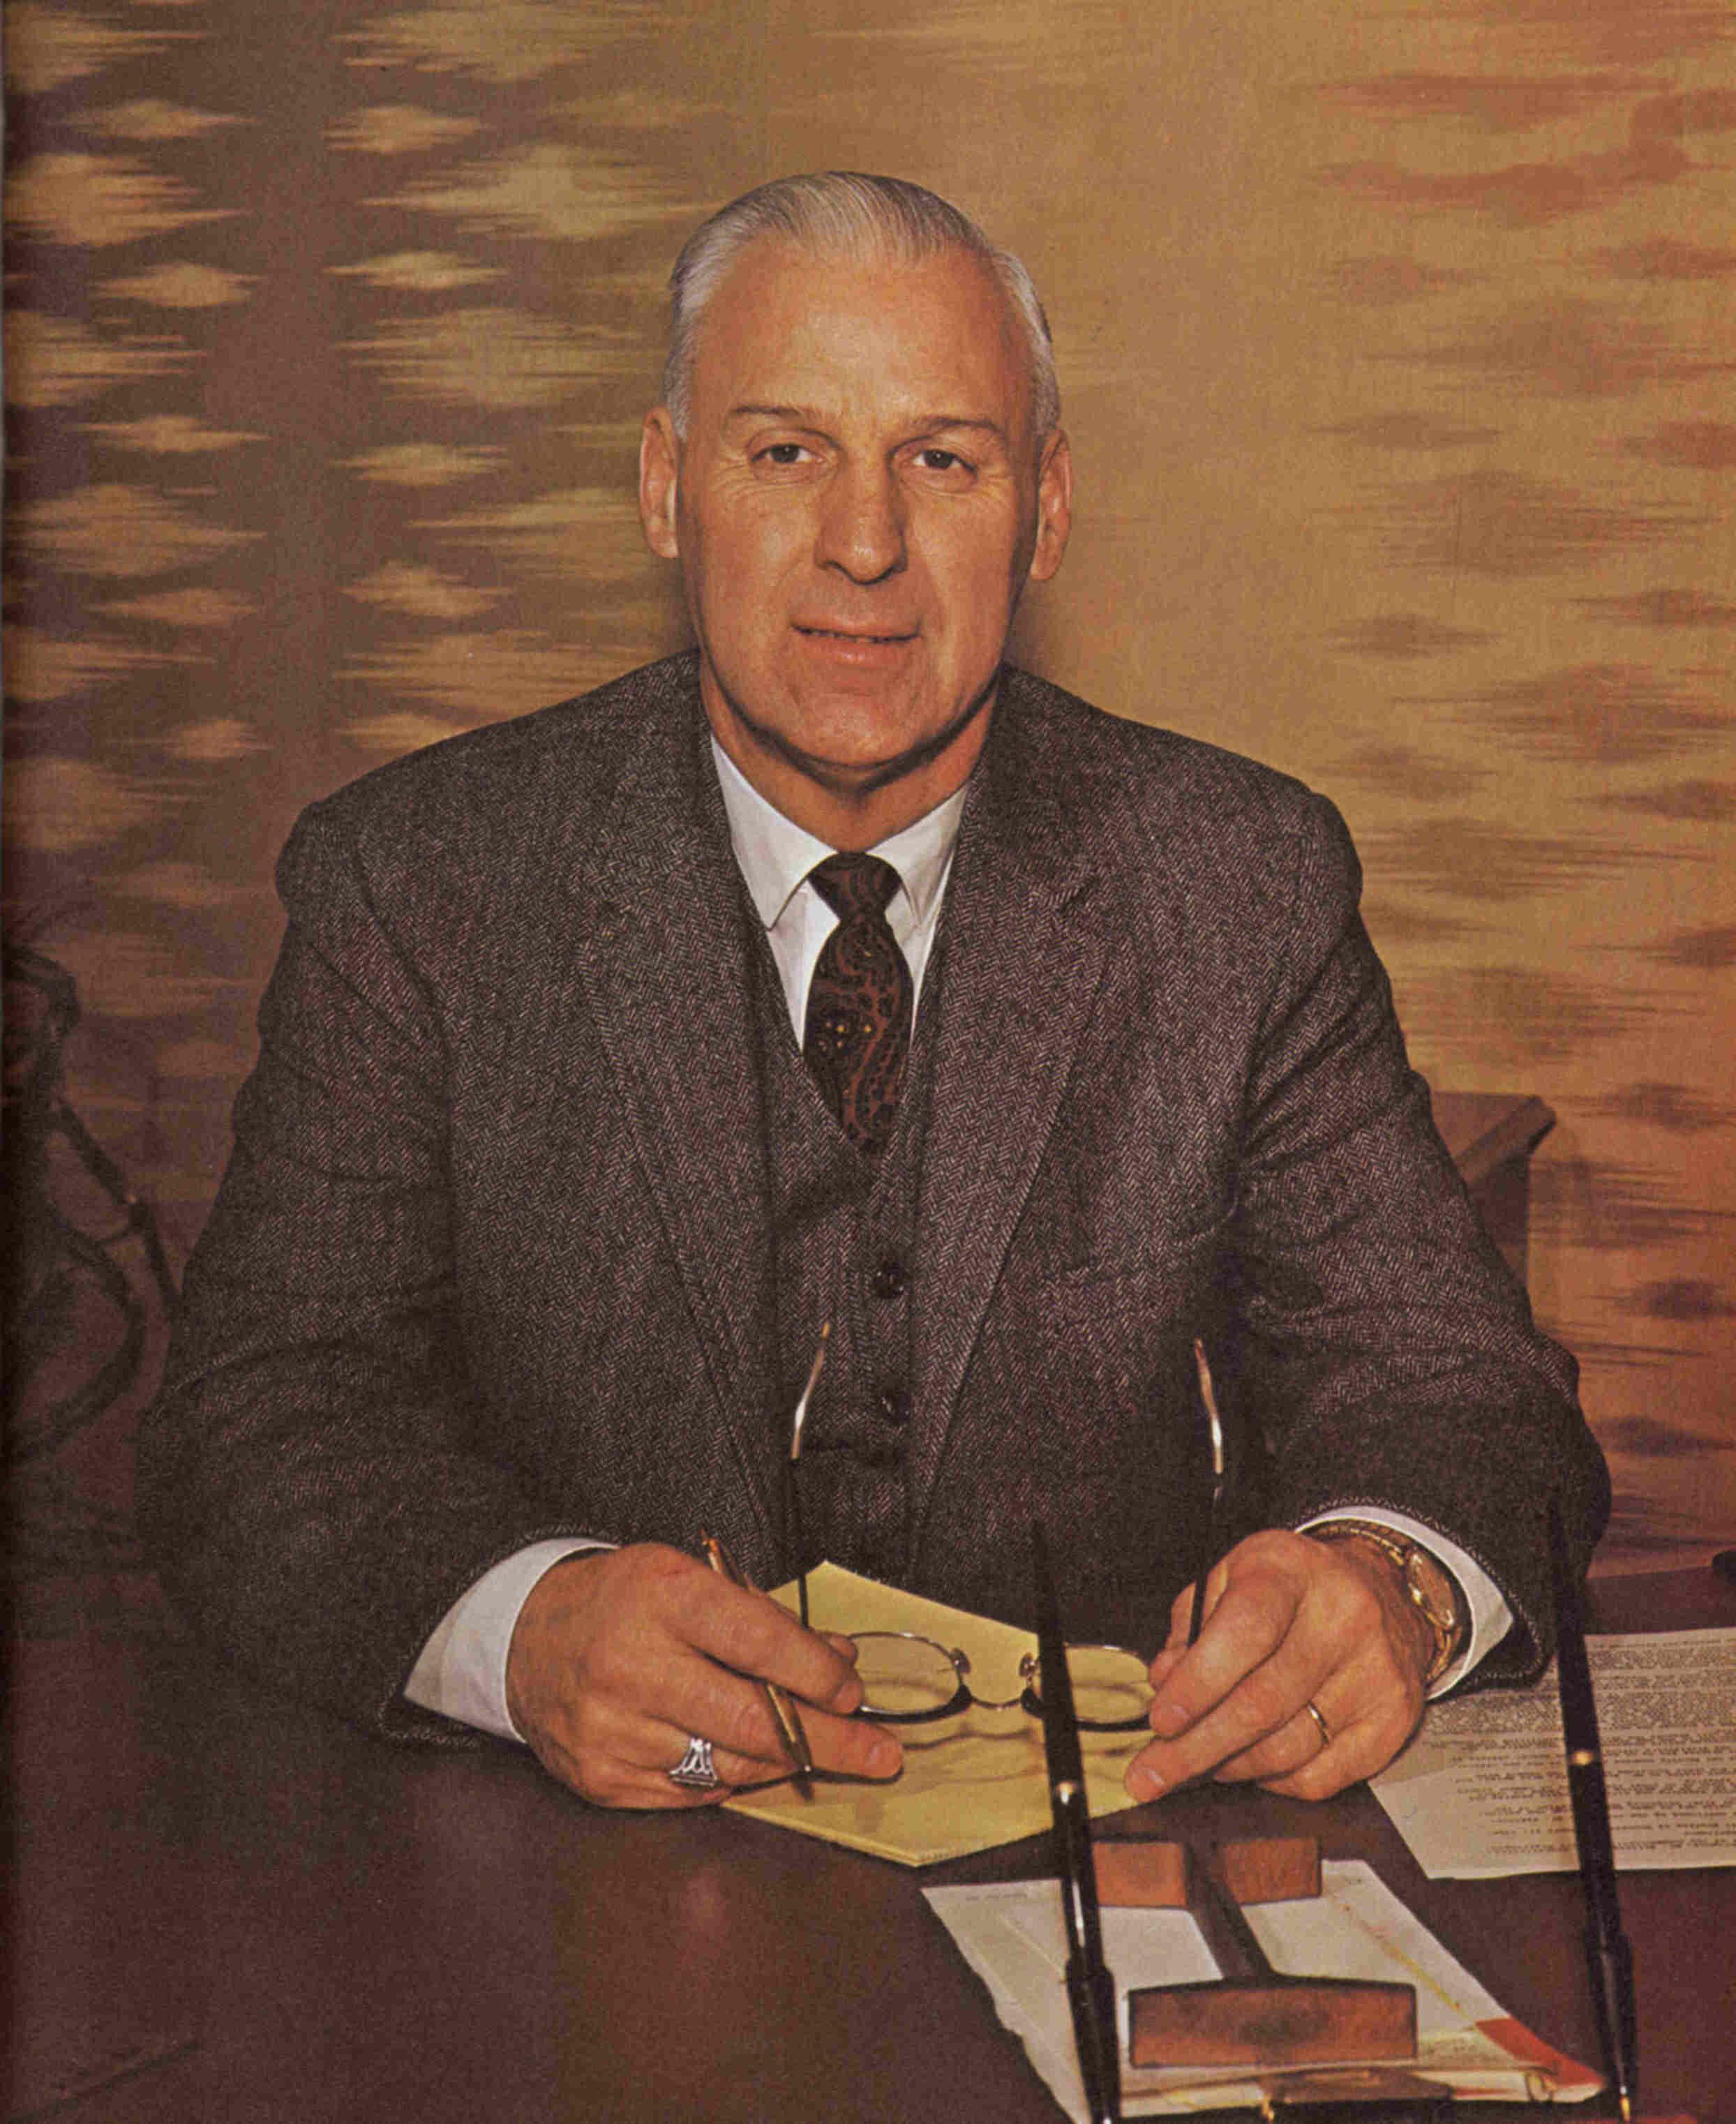 SUNY Erie College President James E. Shenton, 1968